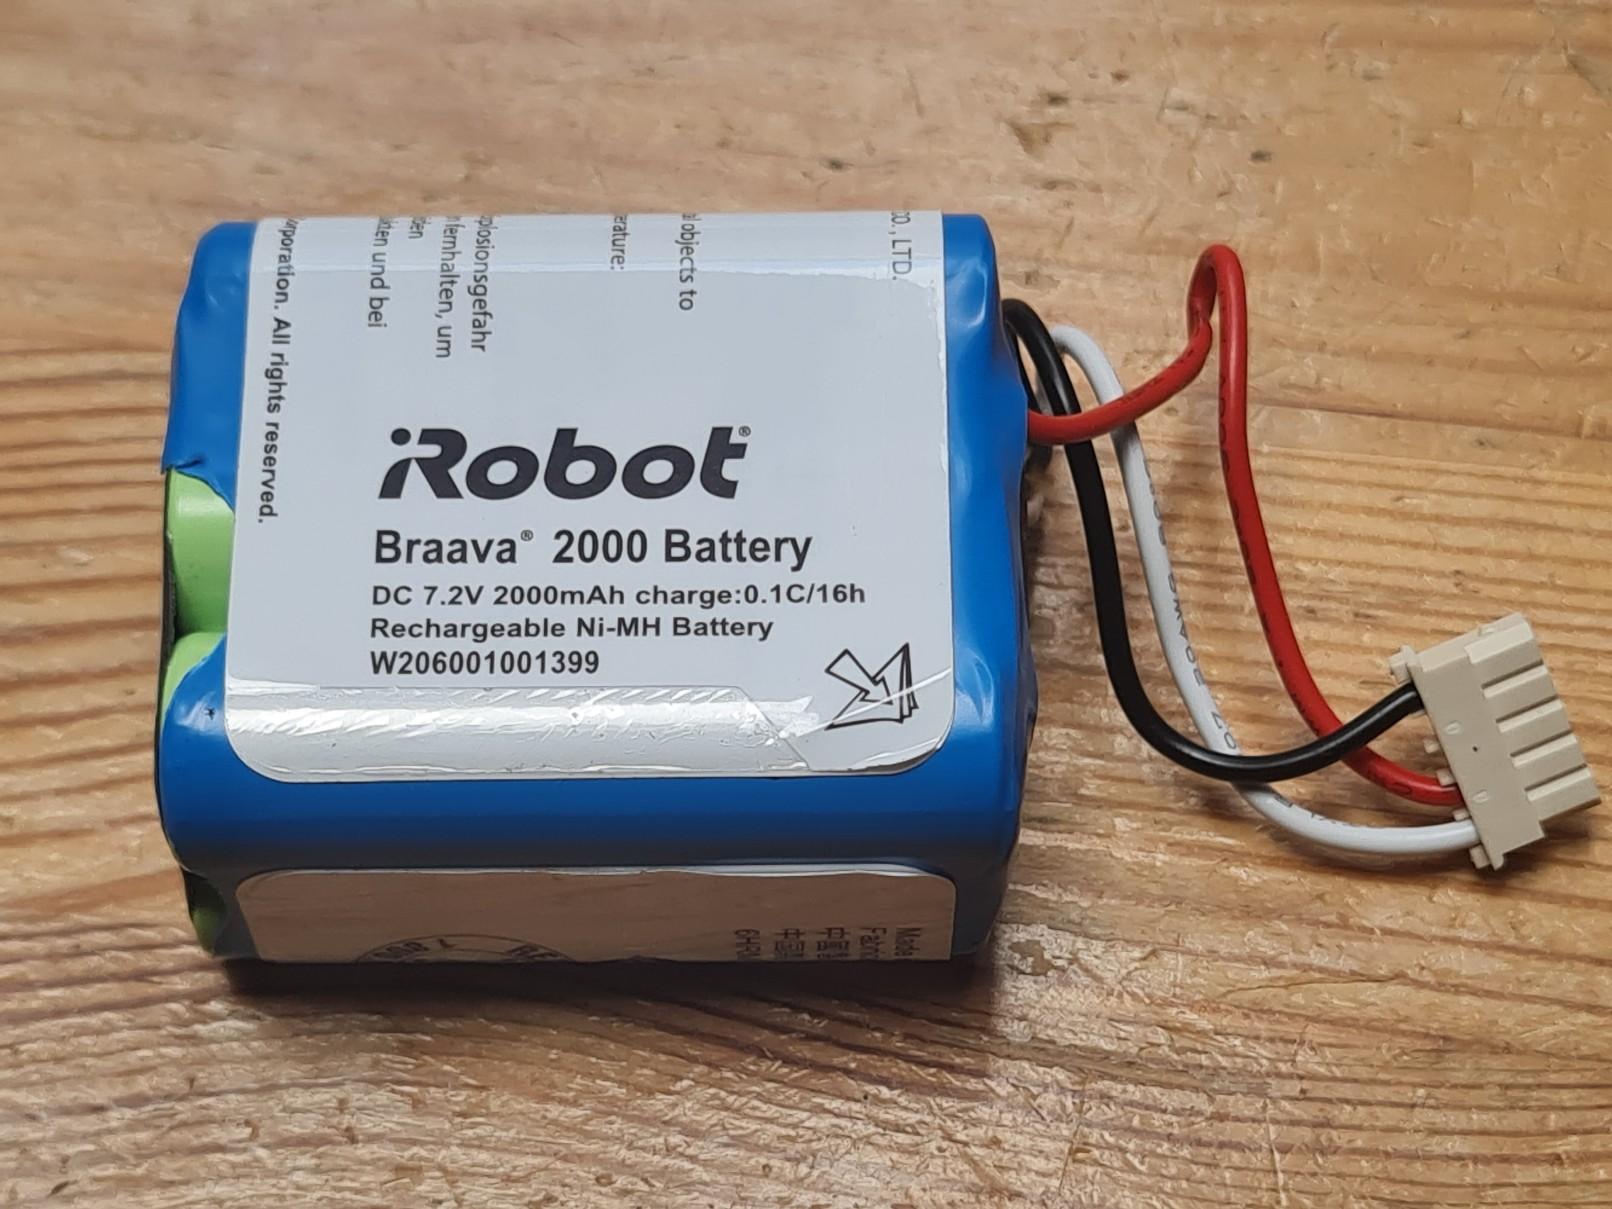 iRobot Braava battery 2000